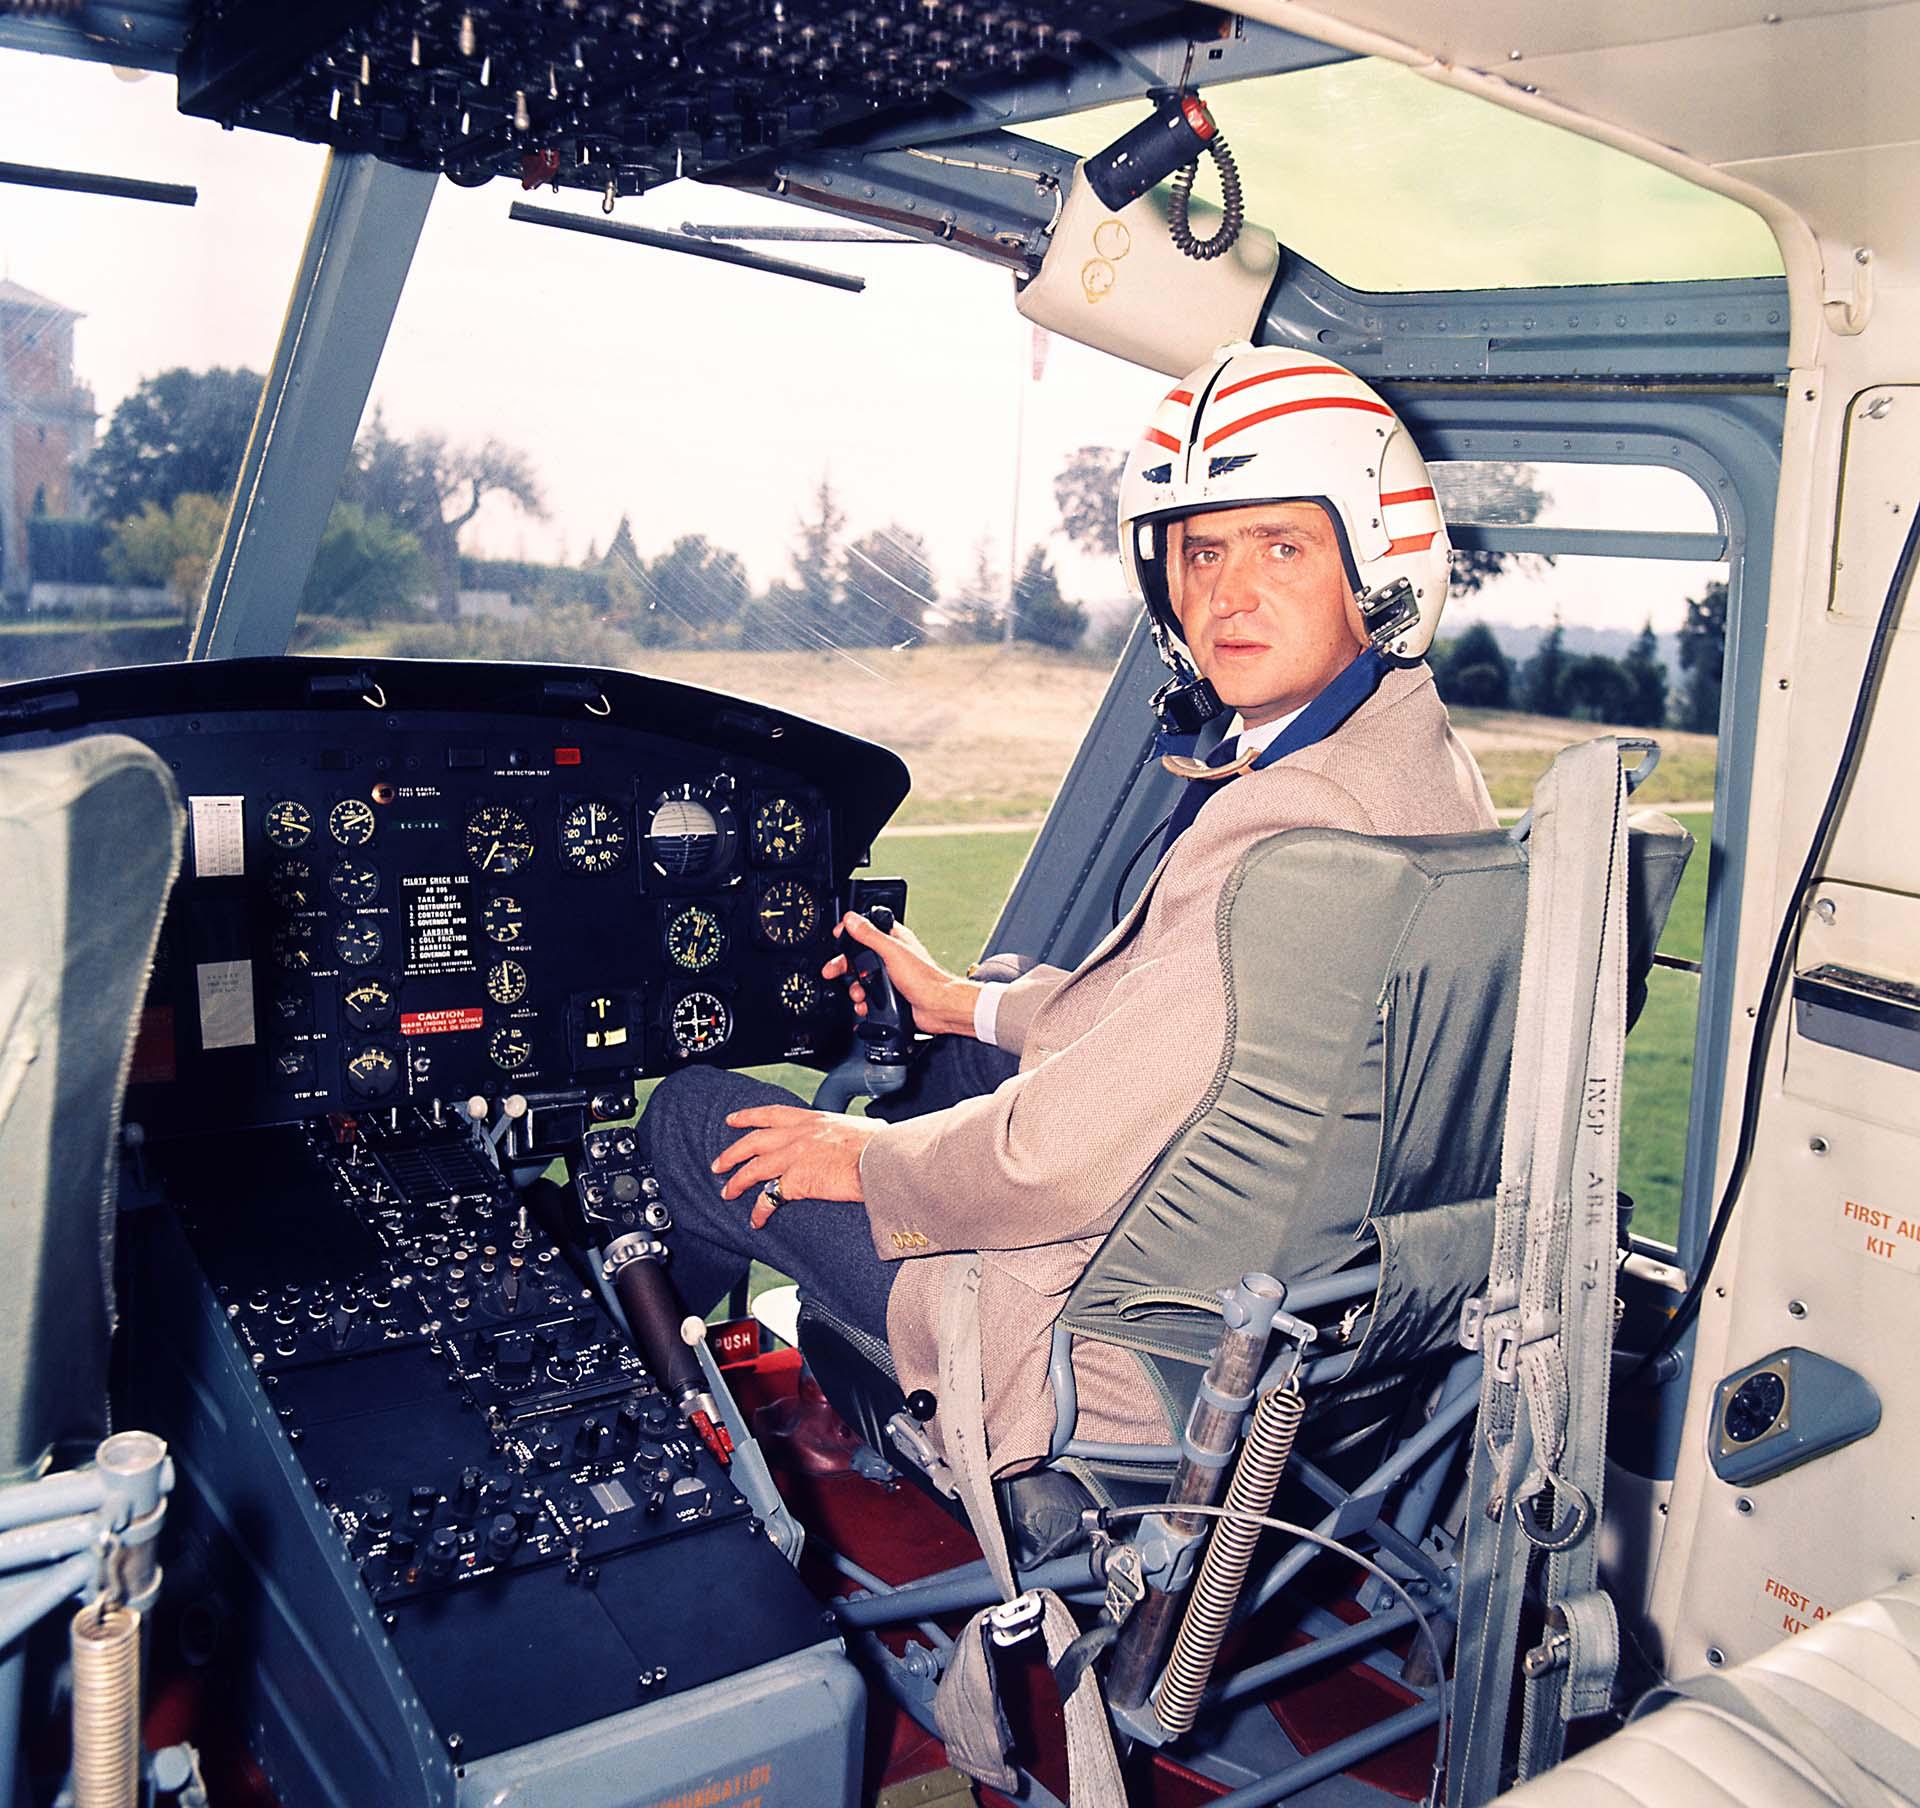 El rey Juan Carlos en el cockpit de un helicóptero a punto de despegar del Palacio de la Zarzuela, Madrid (Shutterstock)